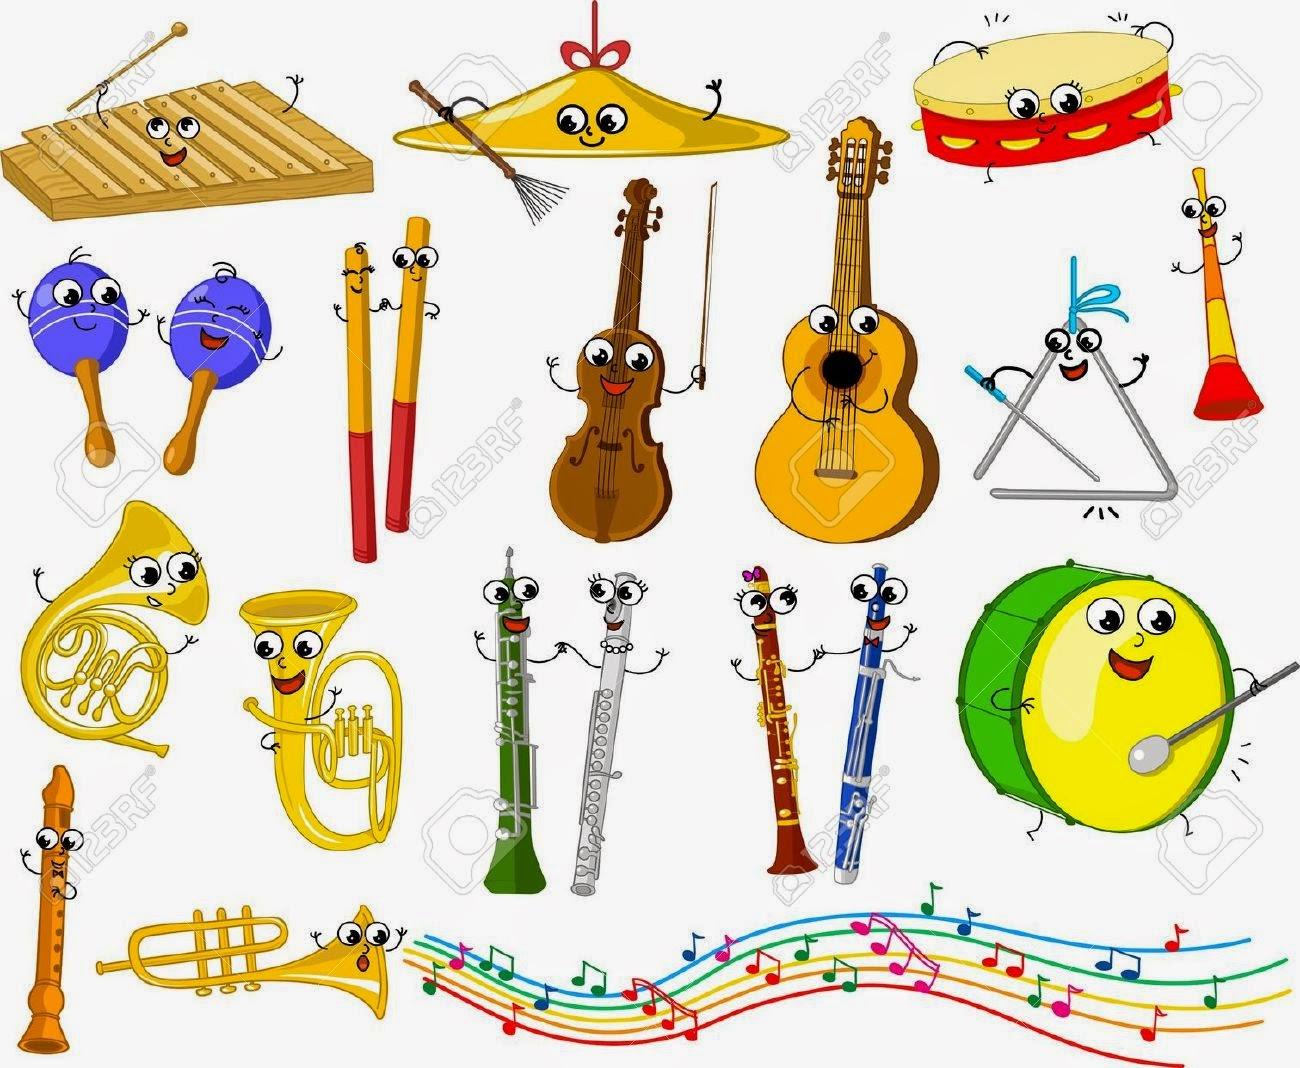 Imagenes De Notas Musicales Animadas